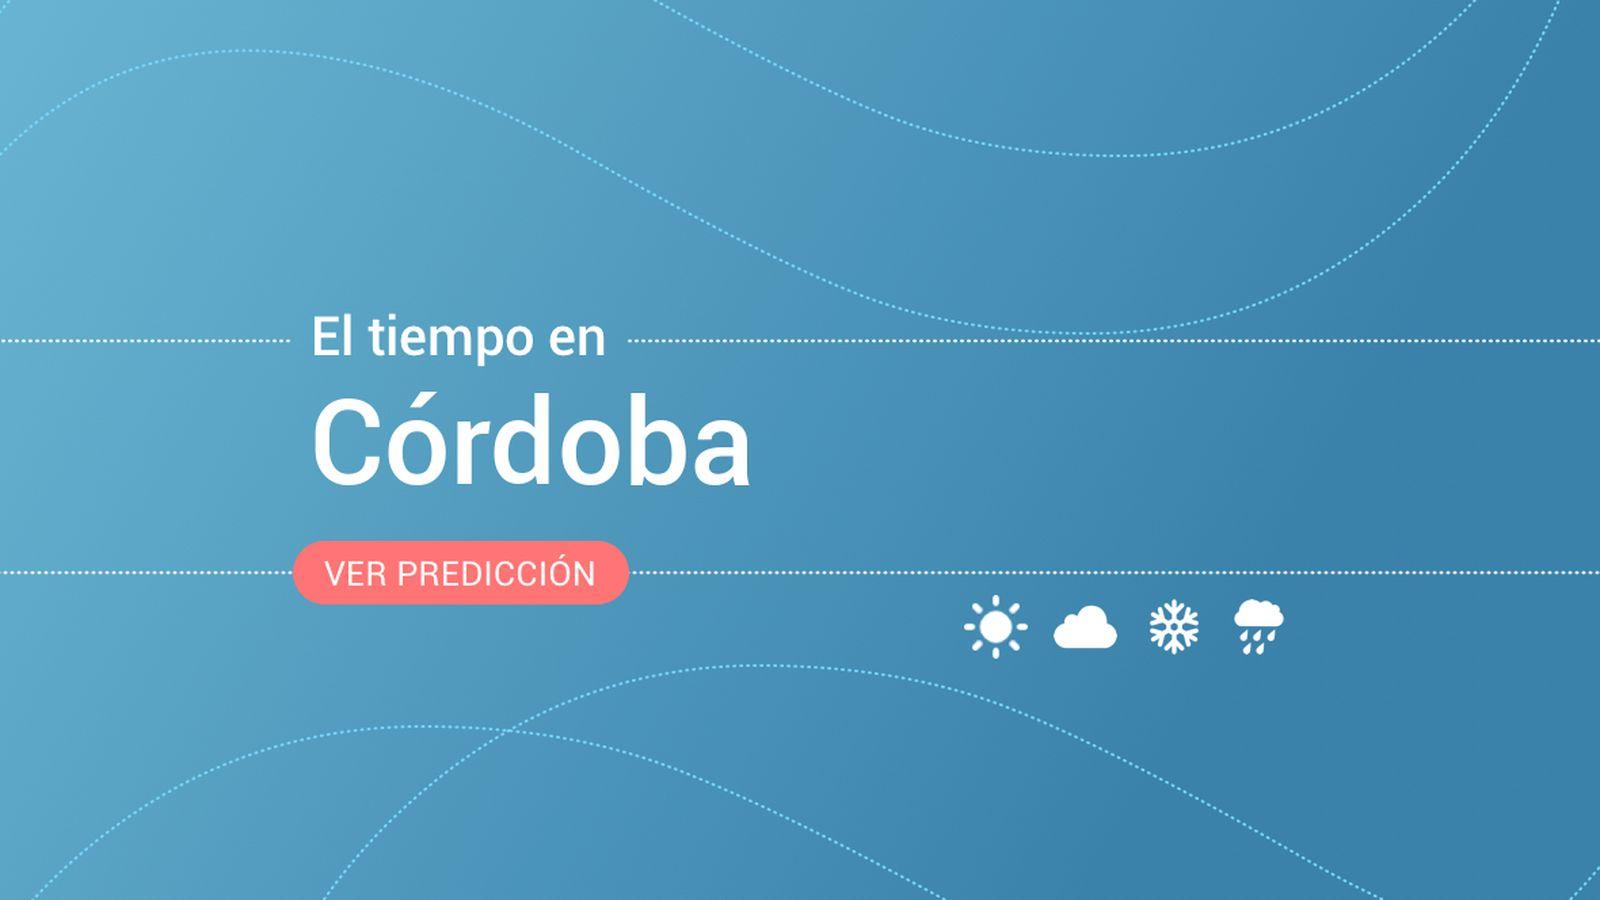 Foto: El tiempo en Córdoba. (EC)